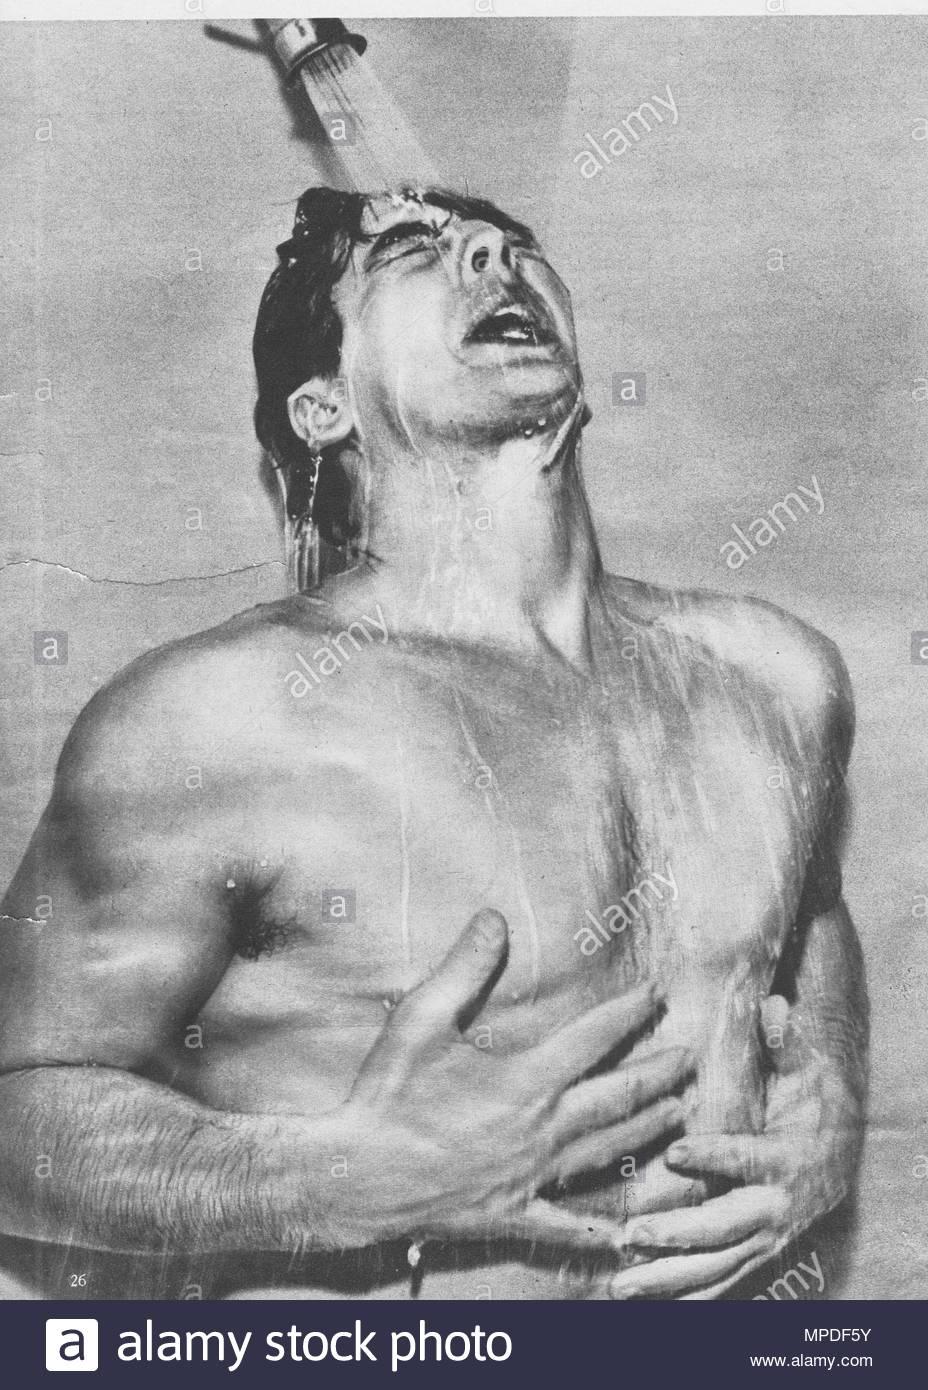 Victor Mature (Januar 29, 1913 - August 4, 1999) war ein US-amerikanischer Bühnen-, Film- und TV-Schauspieler, der vor allem in mehreren biblischen Filme während der 1950er Jahre spielte, und wurde für seine dunklen sieht gut und Mega-Watt Lächeln bekannt. Seine bekanntesten Filmrollen gehören eine Million V.CHR. (1940), My Darling Clementine (1946), Kuß des Todes (1947), Samson und Delilah (1949), Das Gewand (1953). Er erschien auch in einer Vielzahl von Musicals gegenüber Stars wie Rita Hayworth und Betty Grable. Hier duschen. Wie der Hengst im Jahre 1940 bekannt. Stockbild